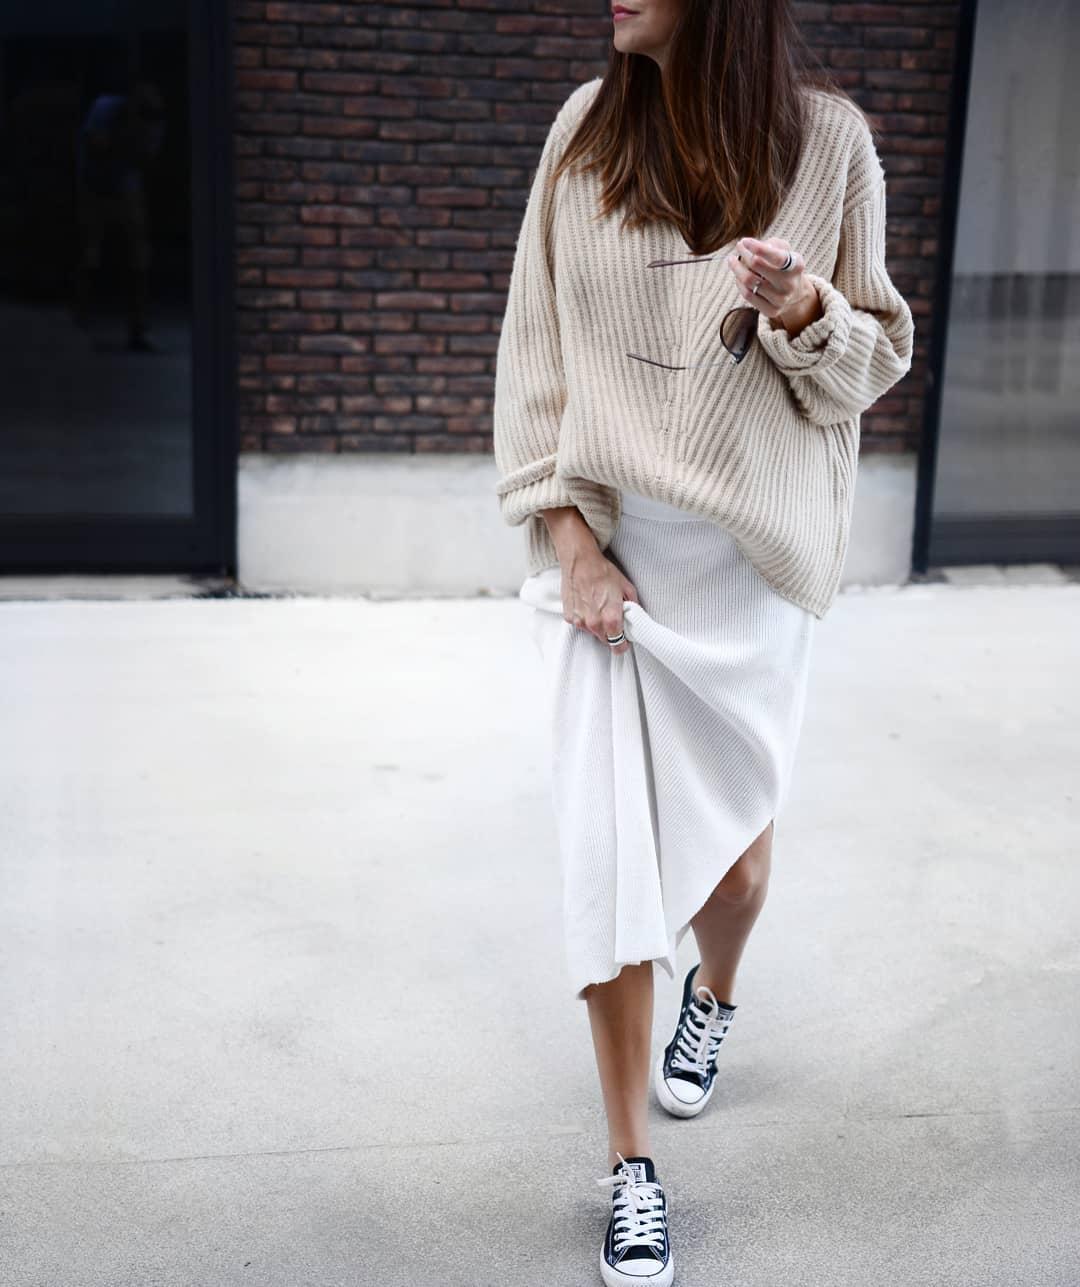 Как и с чем носить обувь без каблуков, чтобы выглядеть стильно весной 2019: 15 трендовых идей